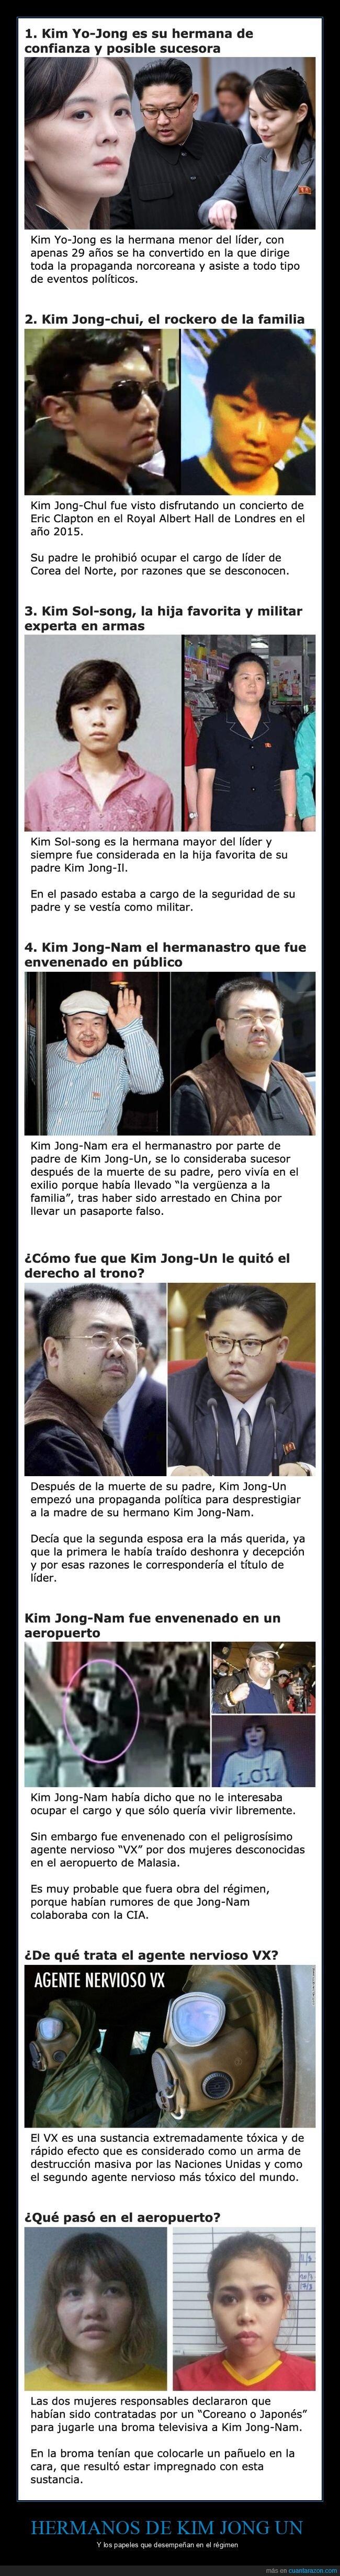 corea del norte,hermanos,kim jong un